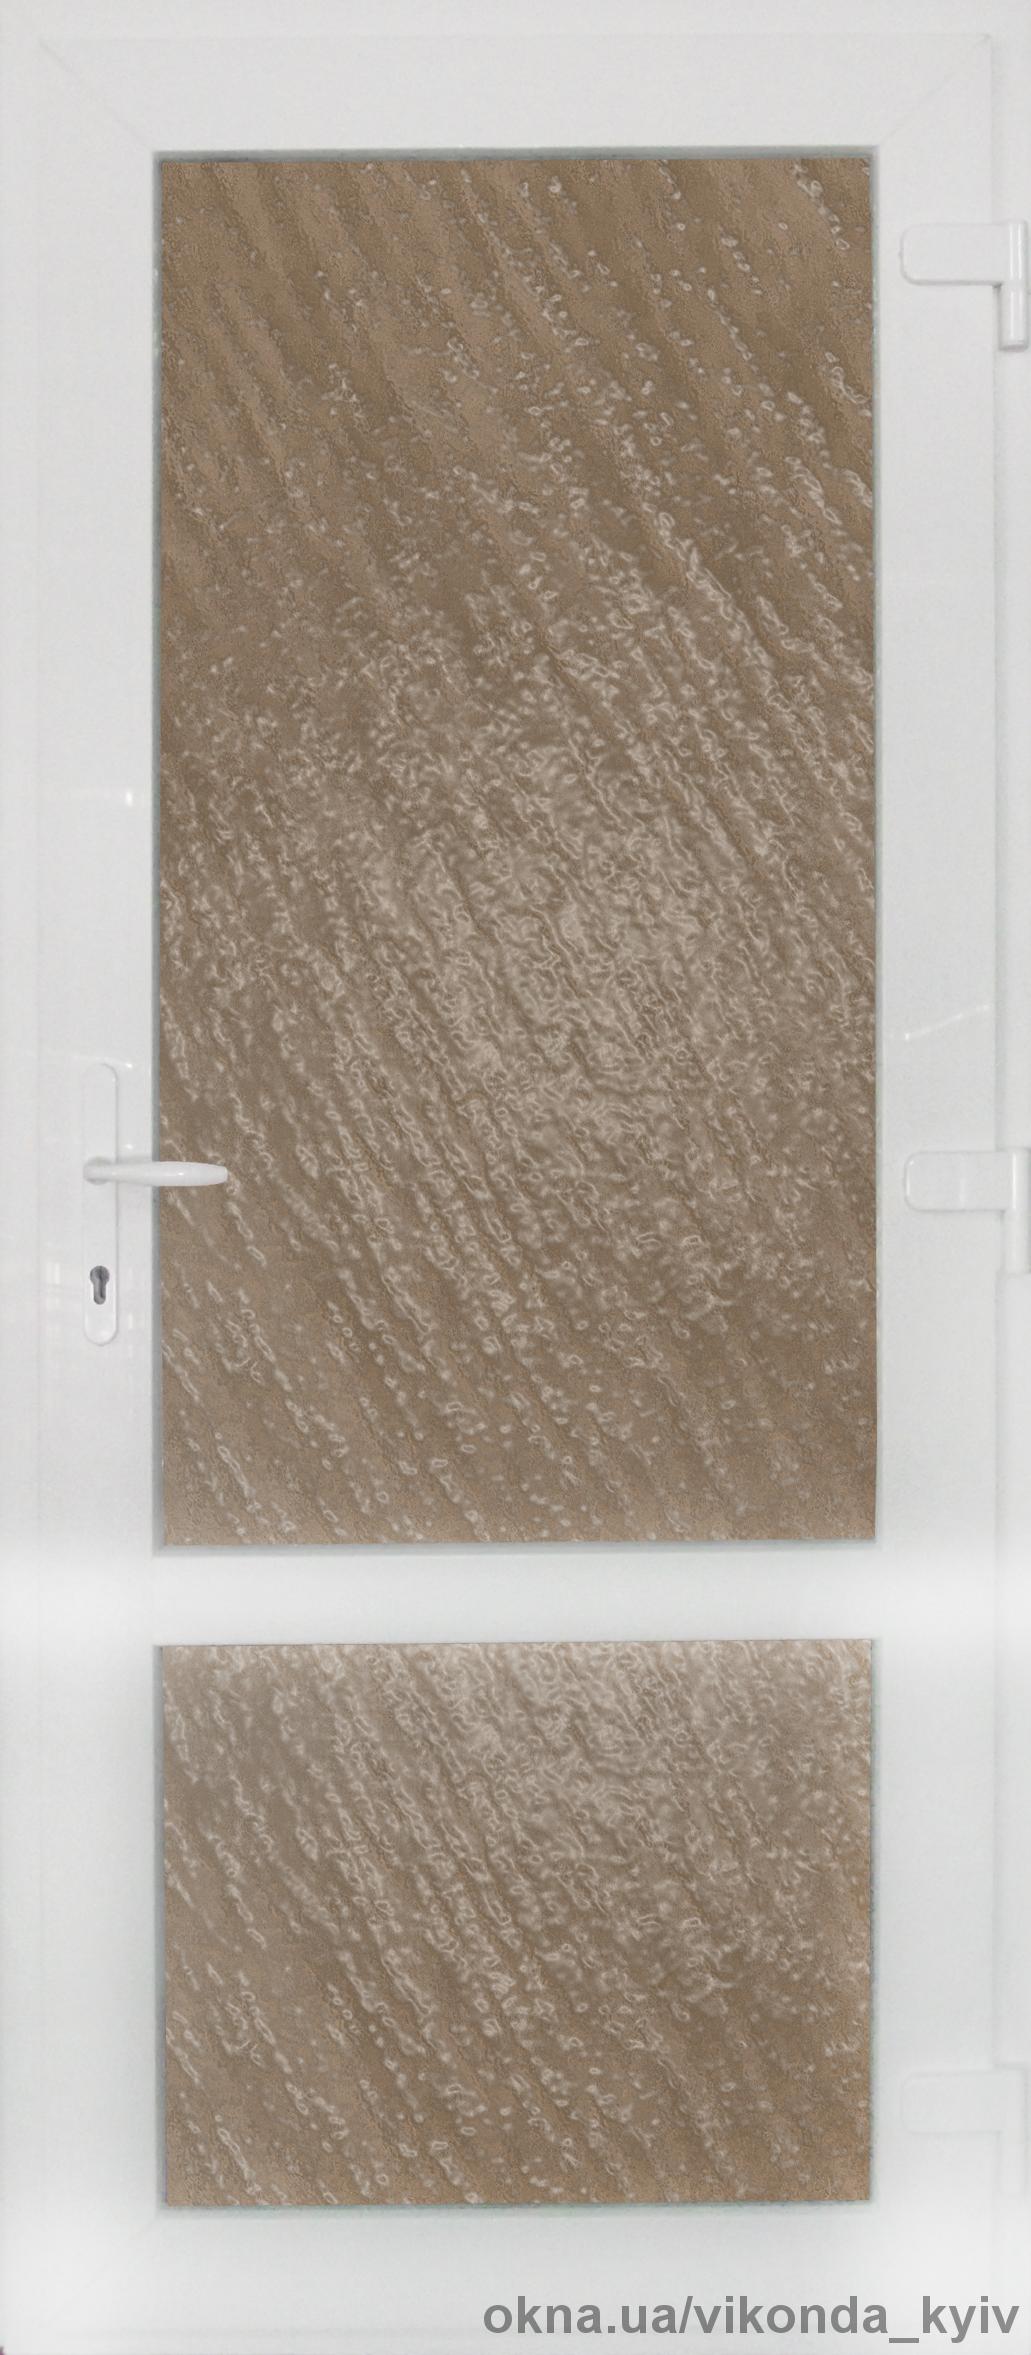 Белые входные двери Виконда Киев 900х2100